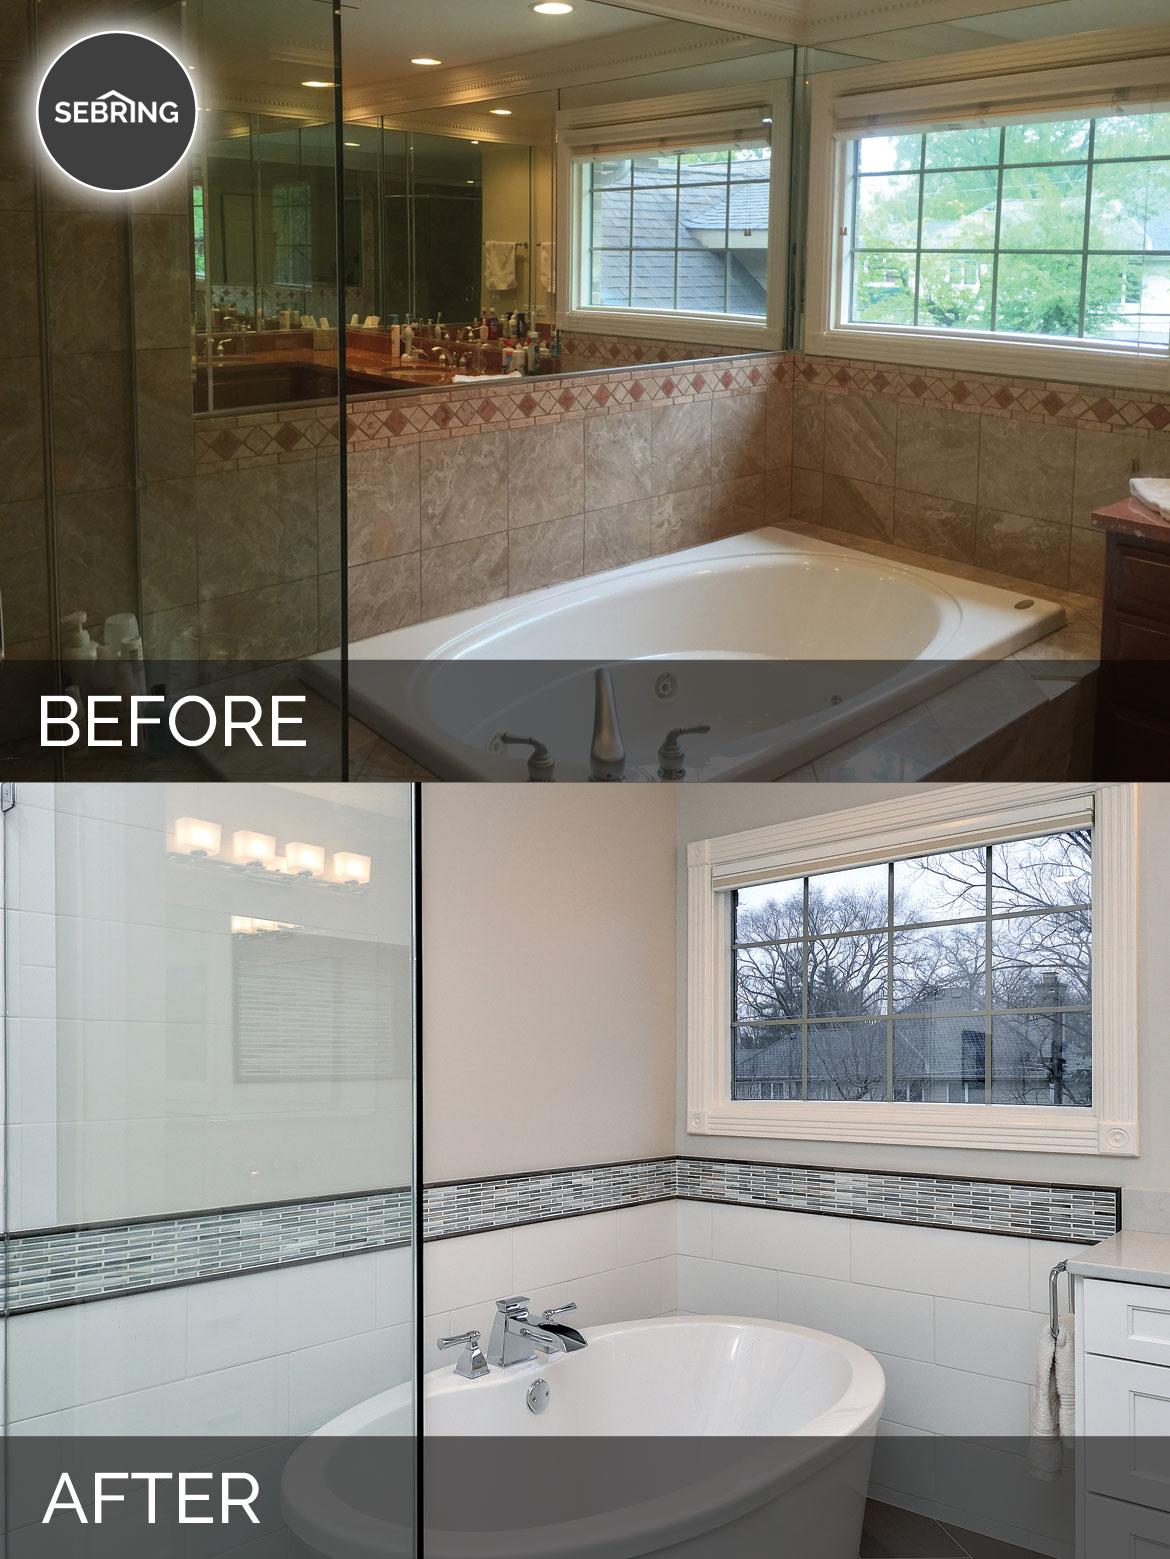 Greg Julie S Master Bathroom Remodel Before After Pictures